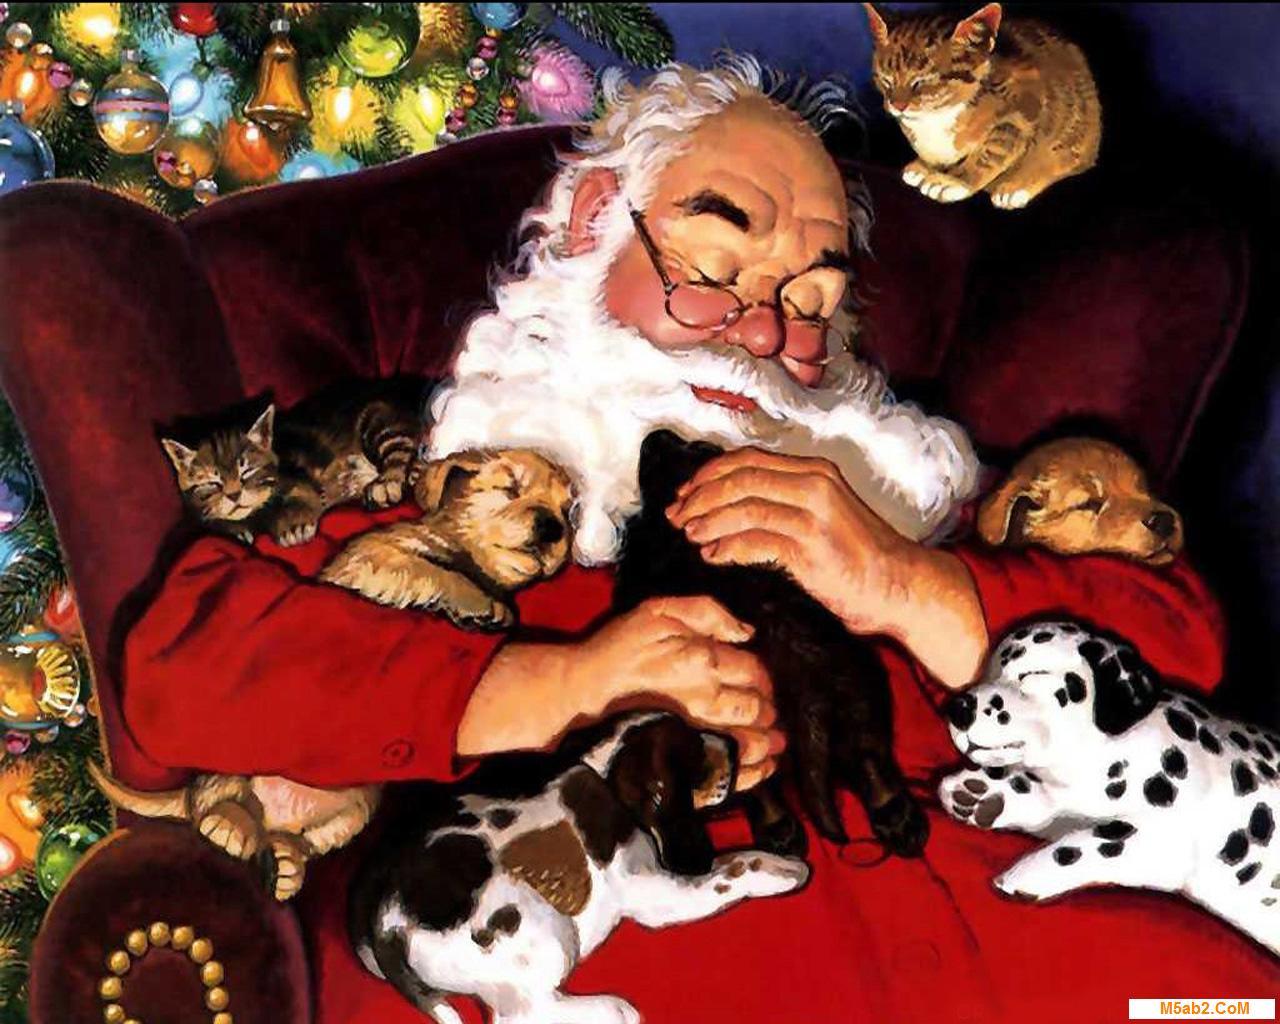 صور الكريسماس 2018 الجديدة ، صور شجرة عيد الميلاد ، صور بابا نويل